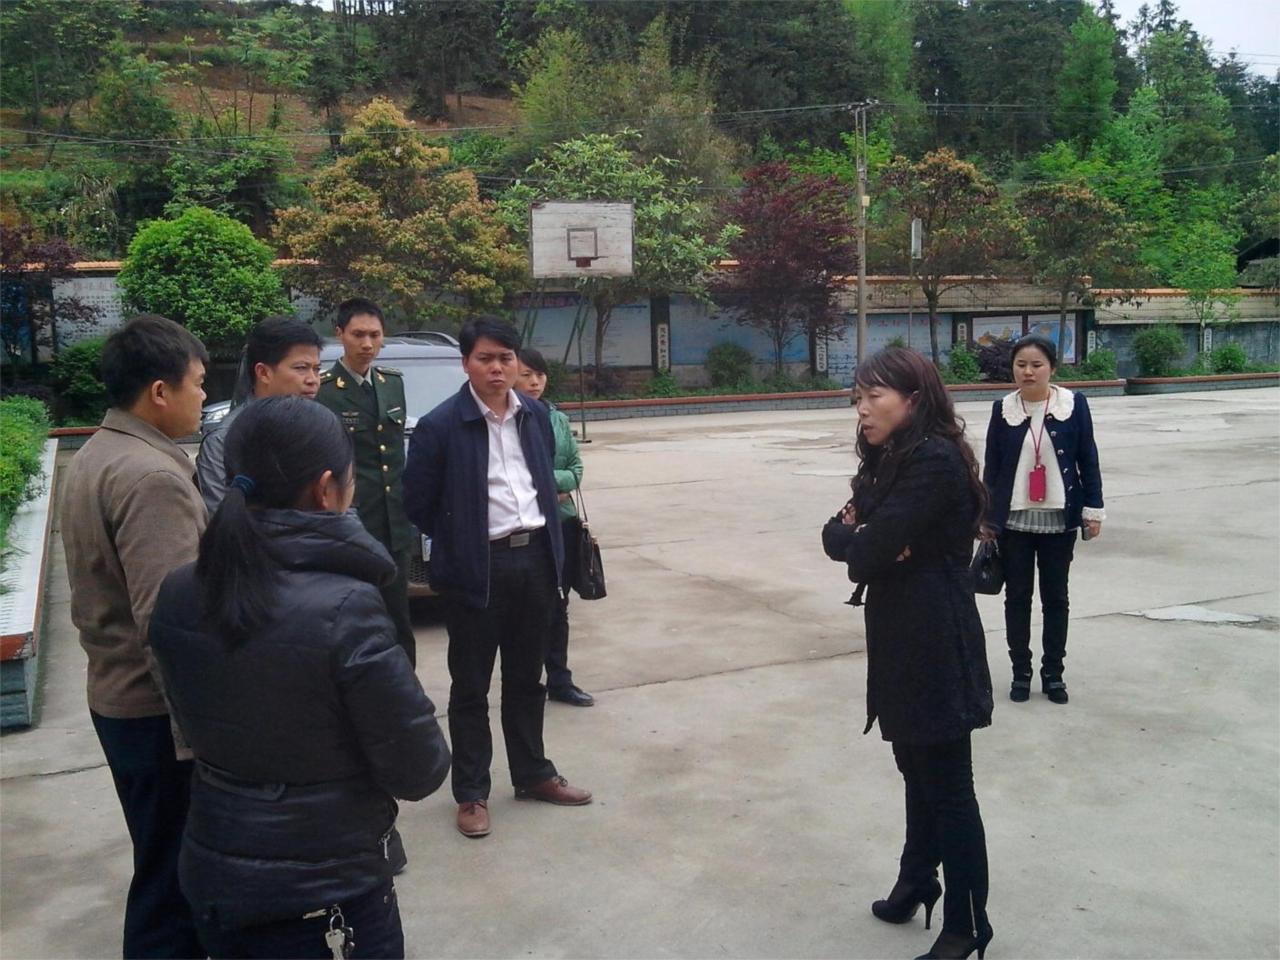 碧波镇人民政府